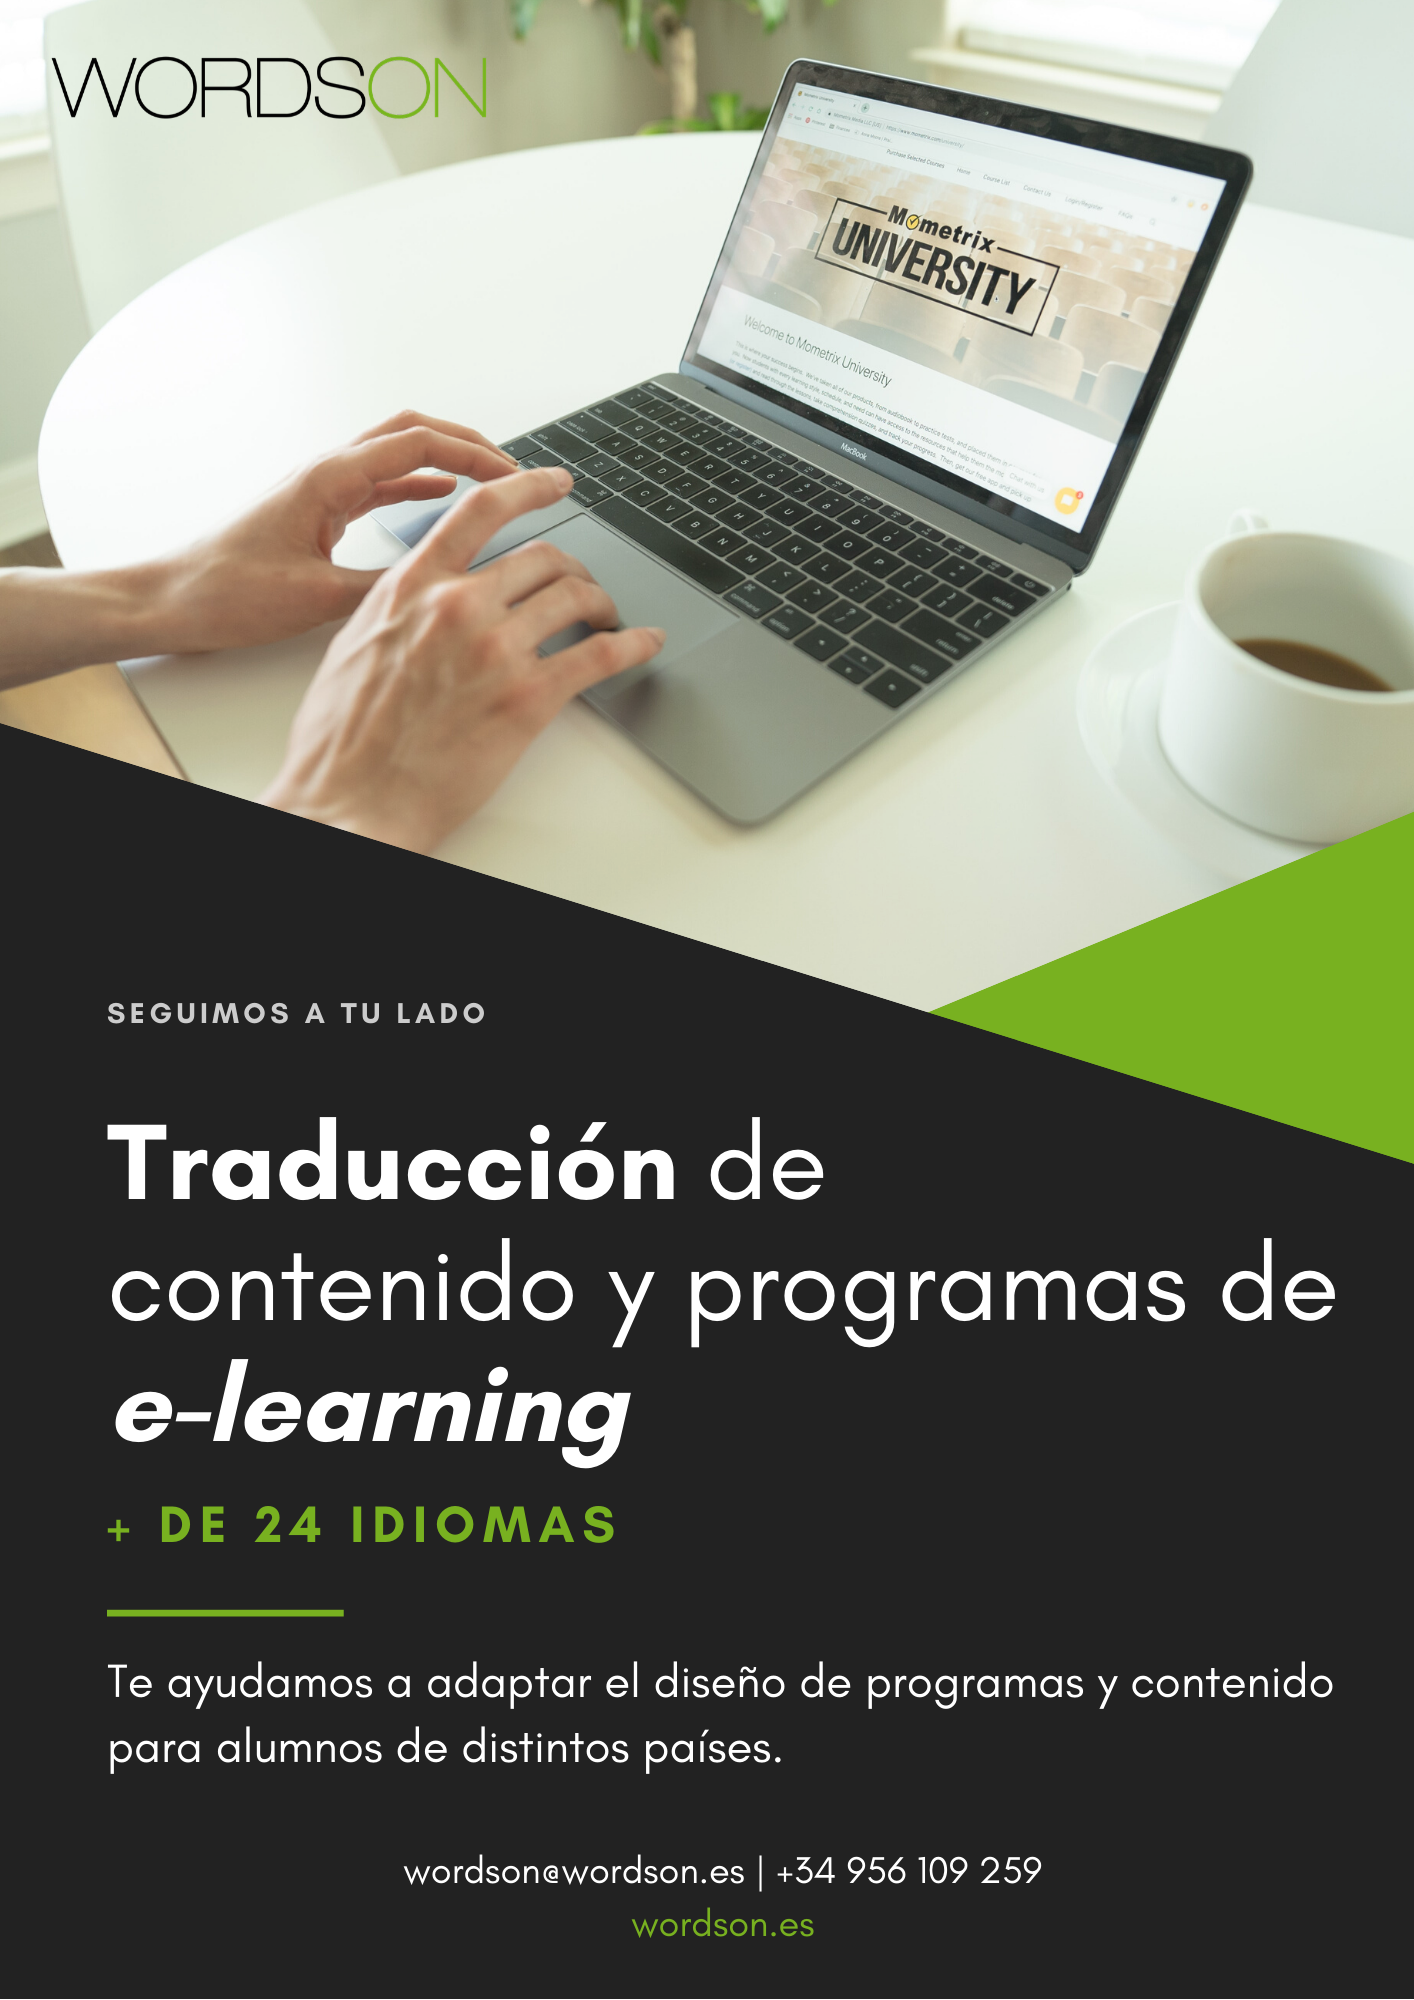 Traducción de programas de e-learning